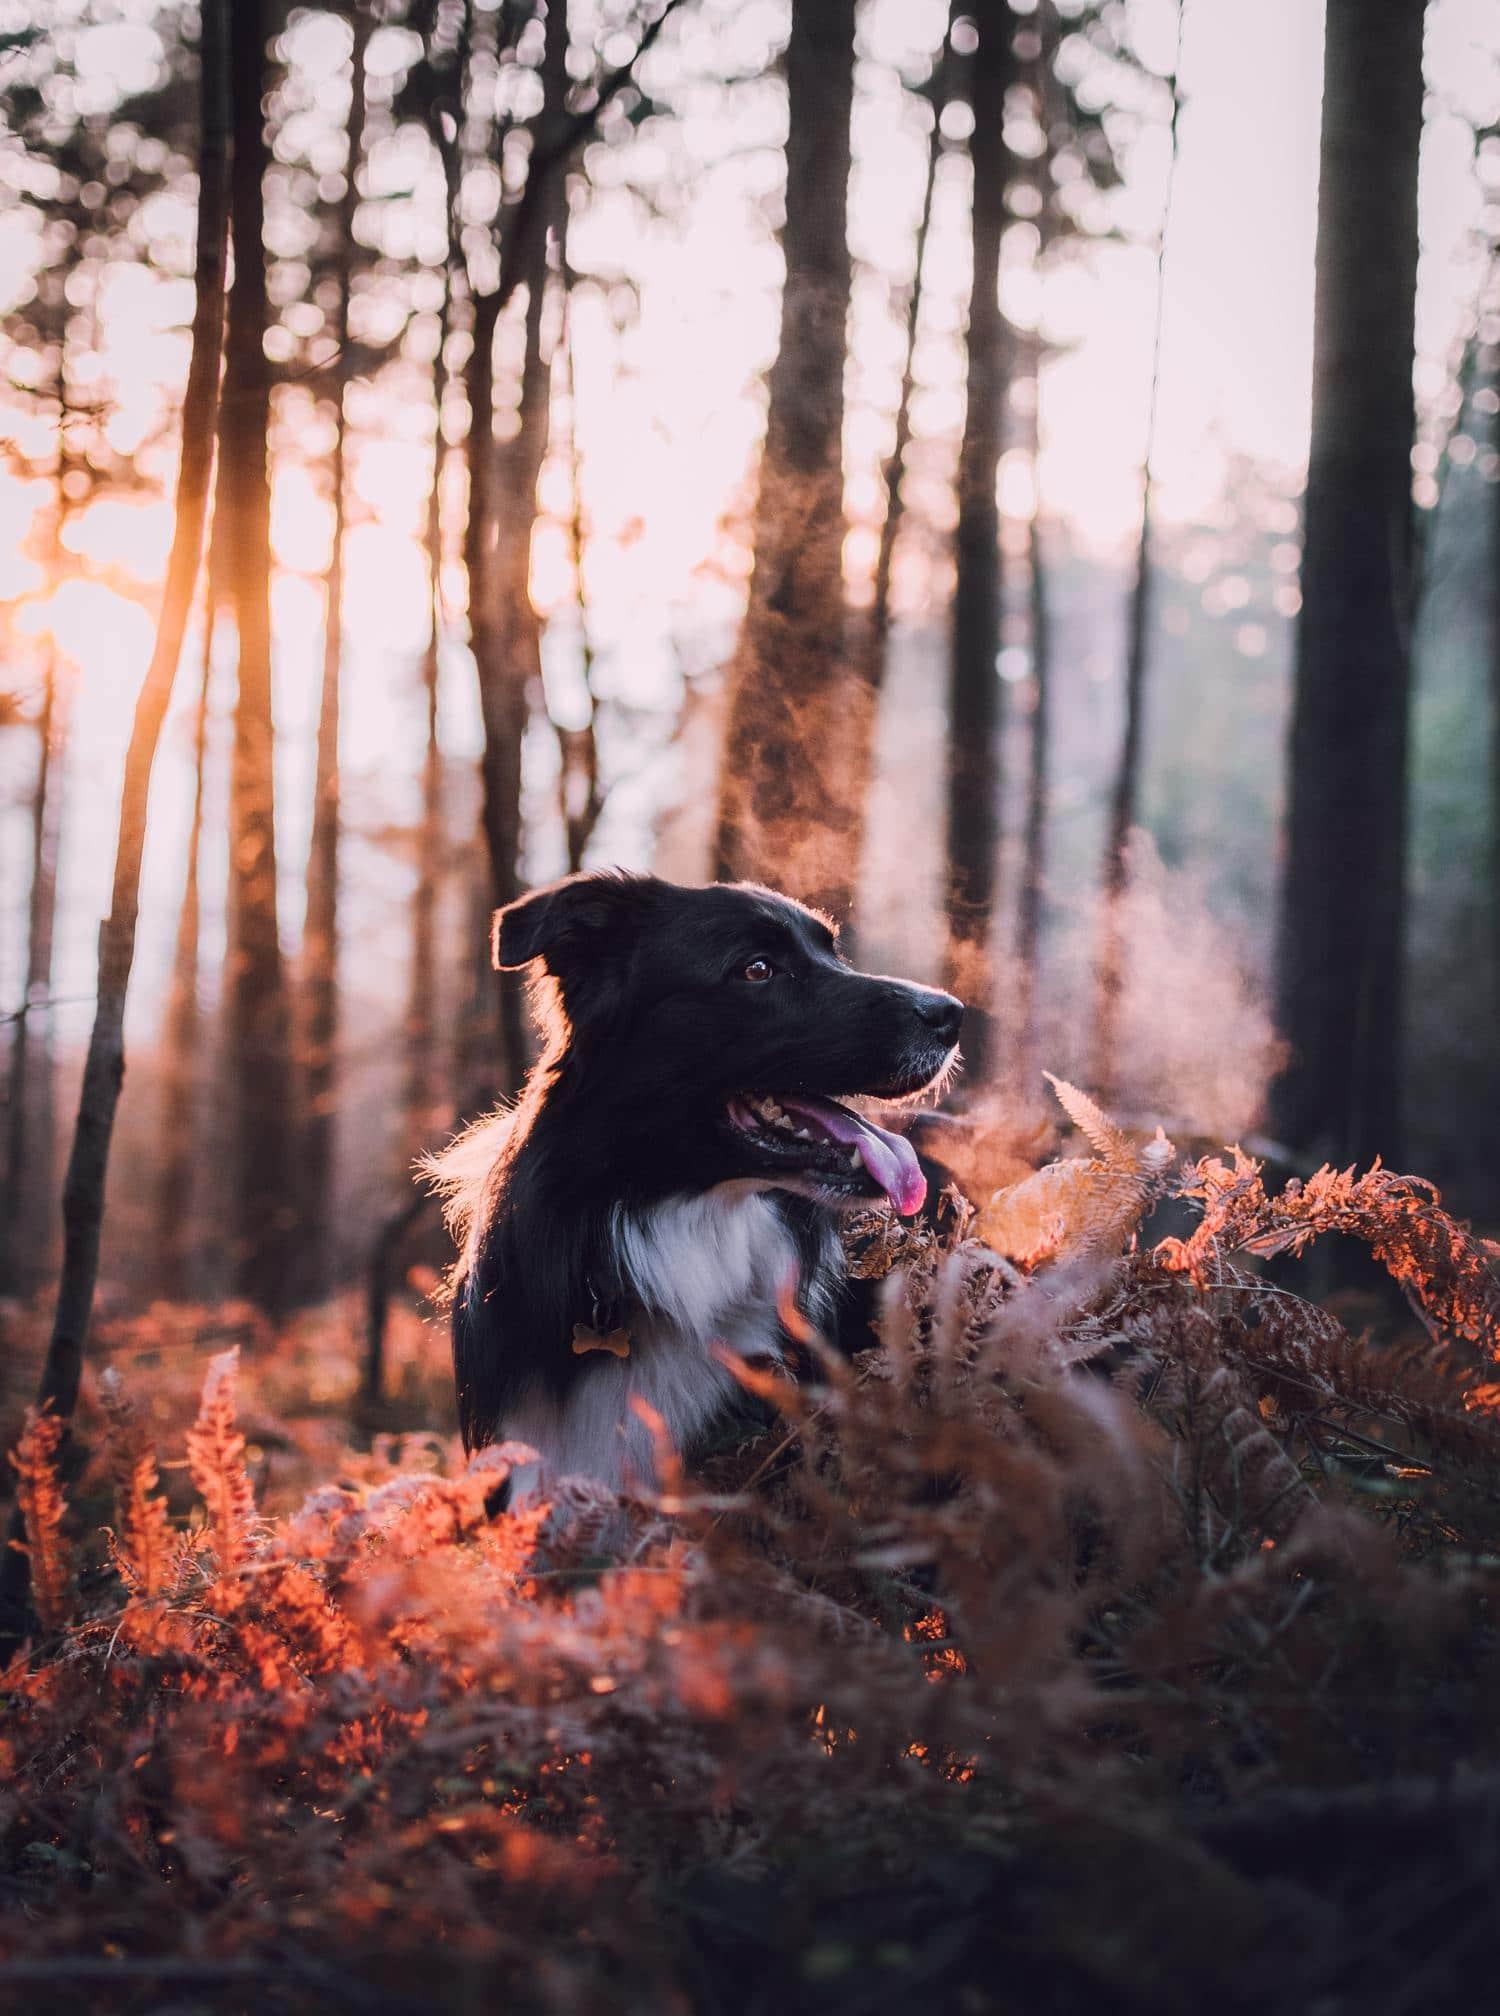 Perro a contraluz, con luz del atardecer como elemento creativo